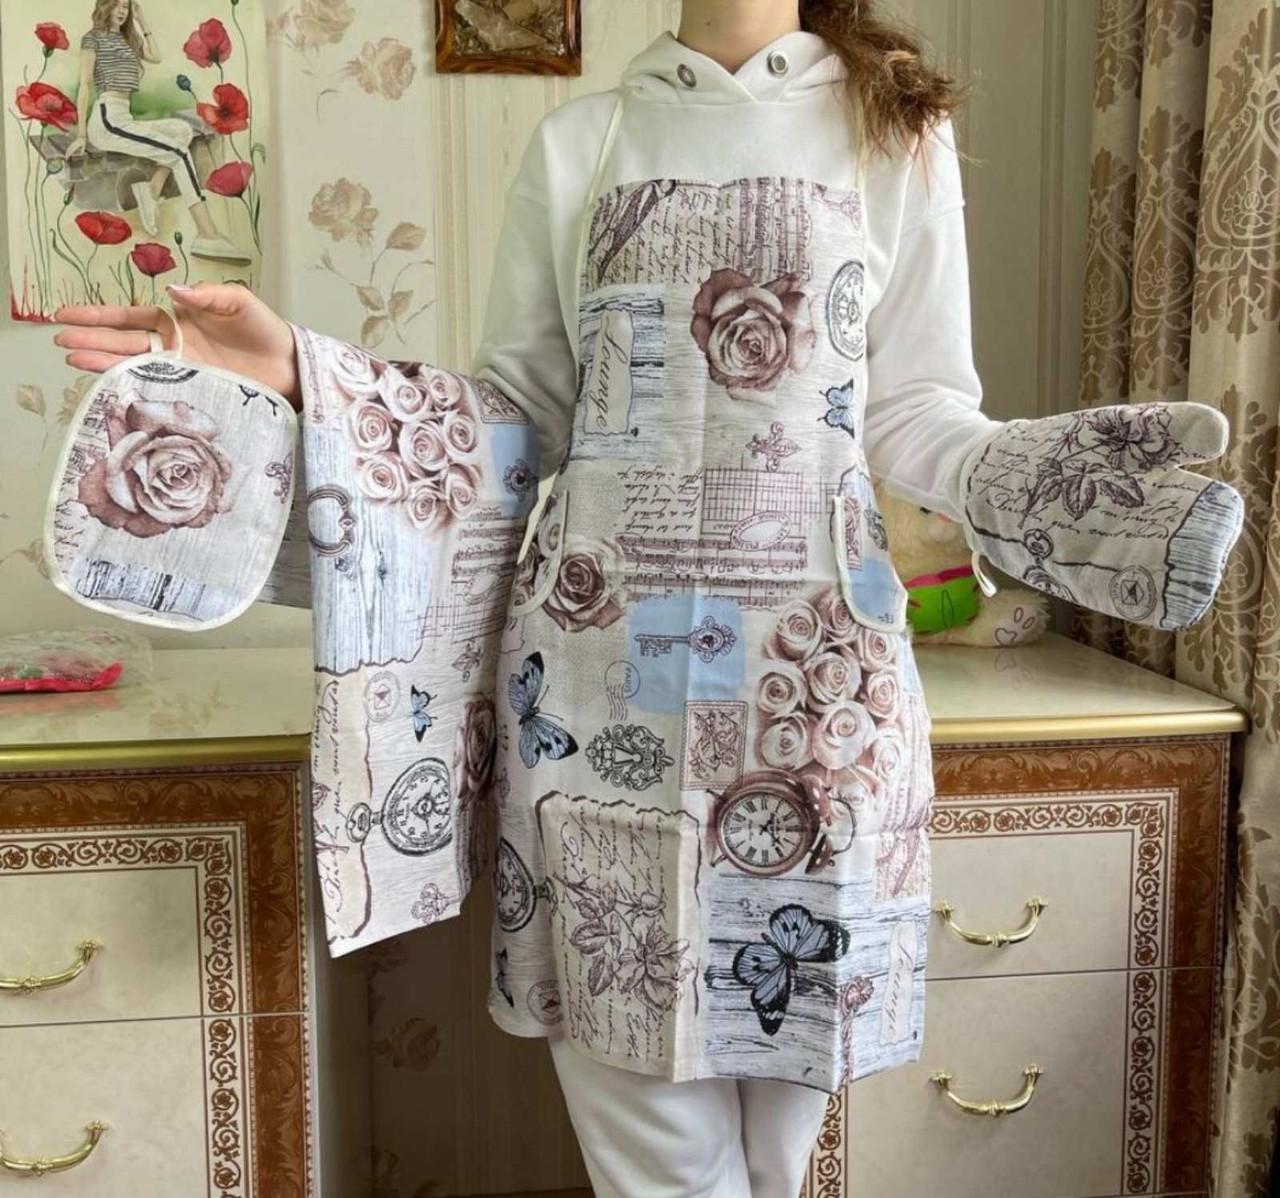 Набор кухонного текстиля/Кухонный набор льняной из 4 предметов/Подарочный набор для женщин